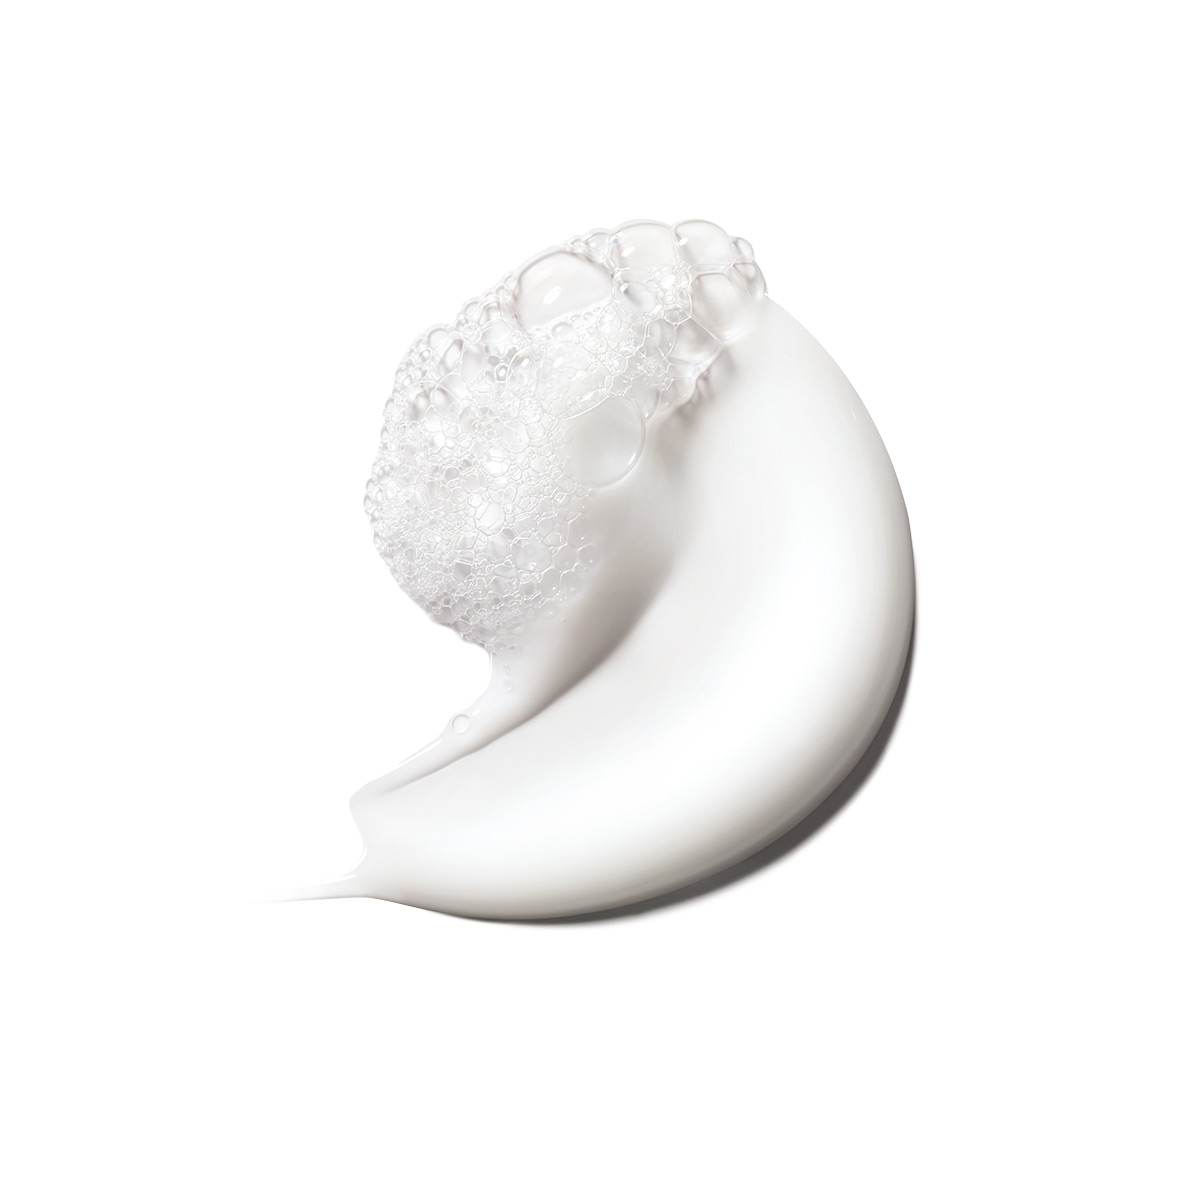 La Roche-Posay TOLERIANE 抗敏舒緩系列系列的TOLERIANE CARING WASH 抗敏保濕高效潔面乳  產品圖片